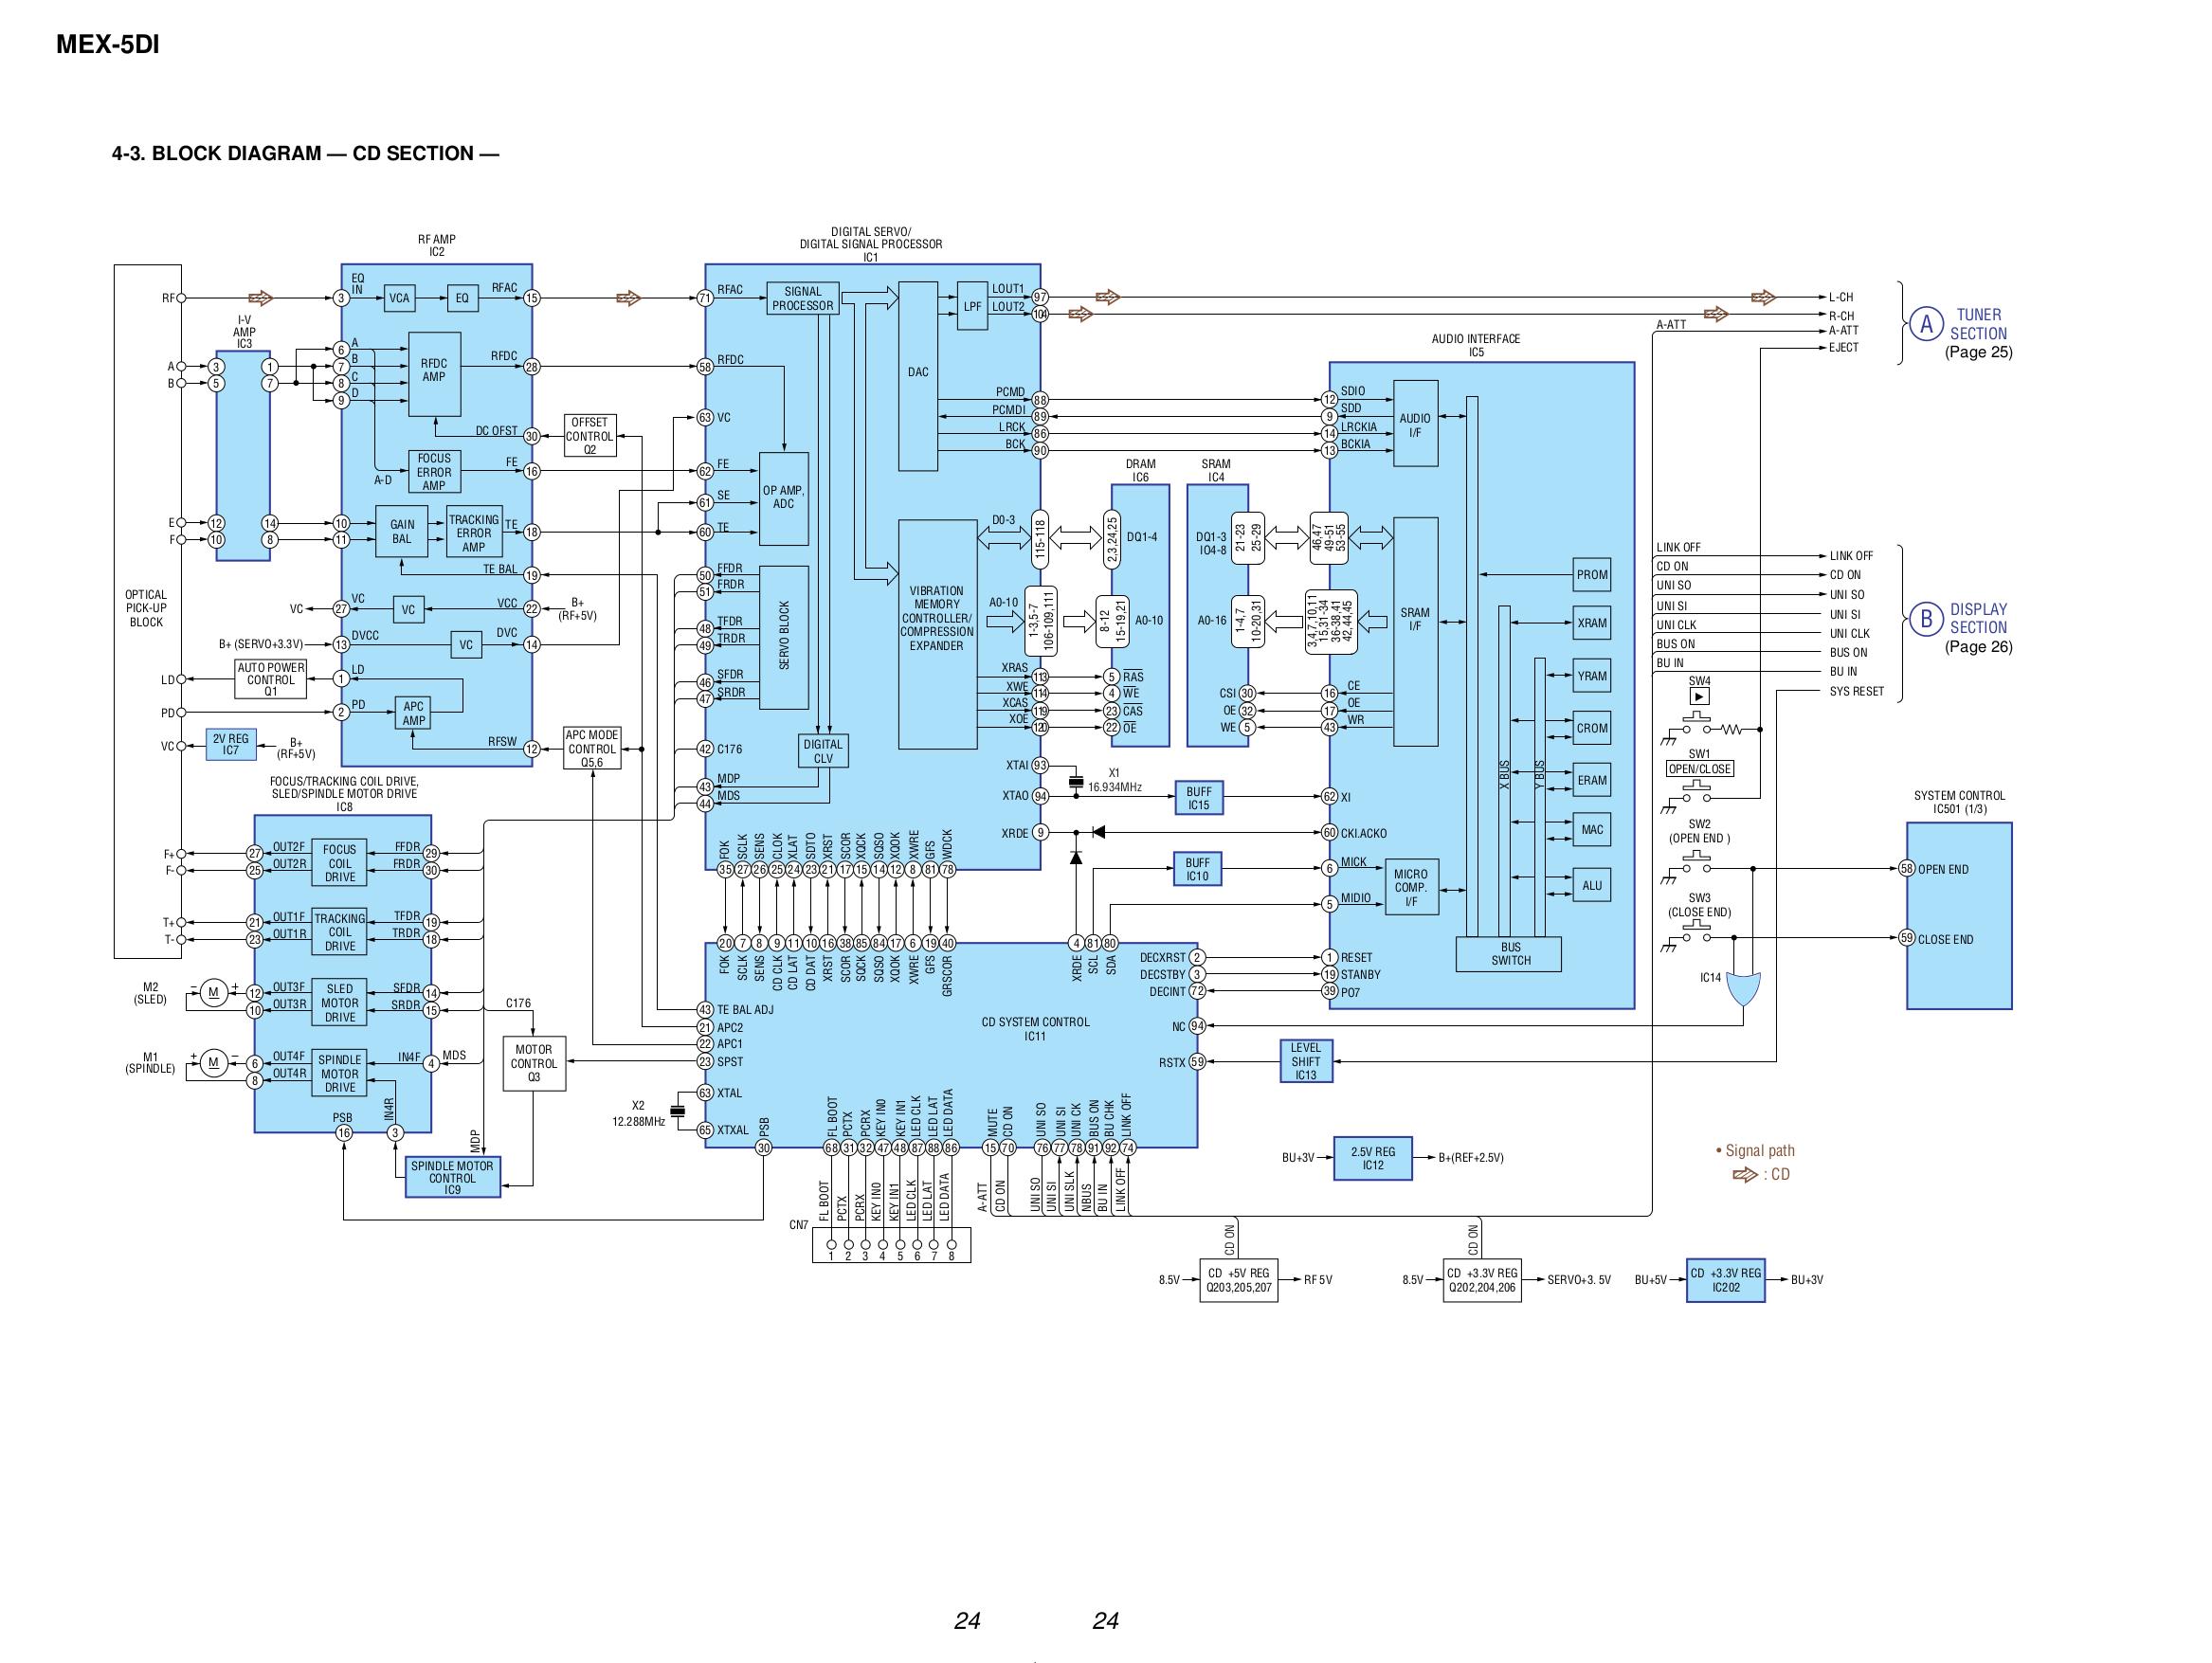 Wiring Harness Sony Mex 5di Explore Schematic Wiring Diagram \u2022 Wiring  Harness Sony Mex 5di